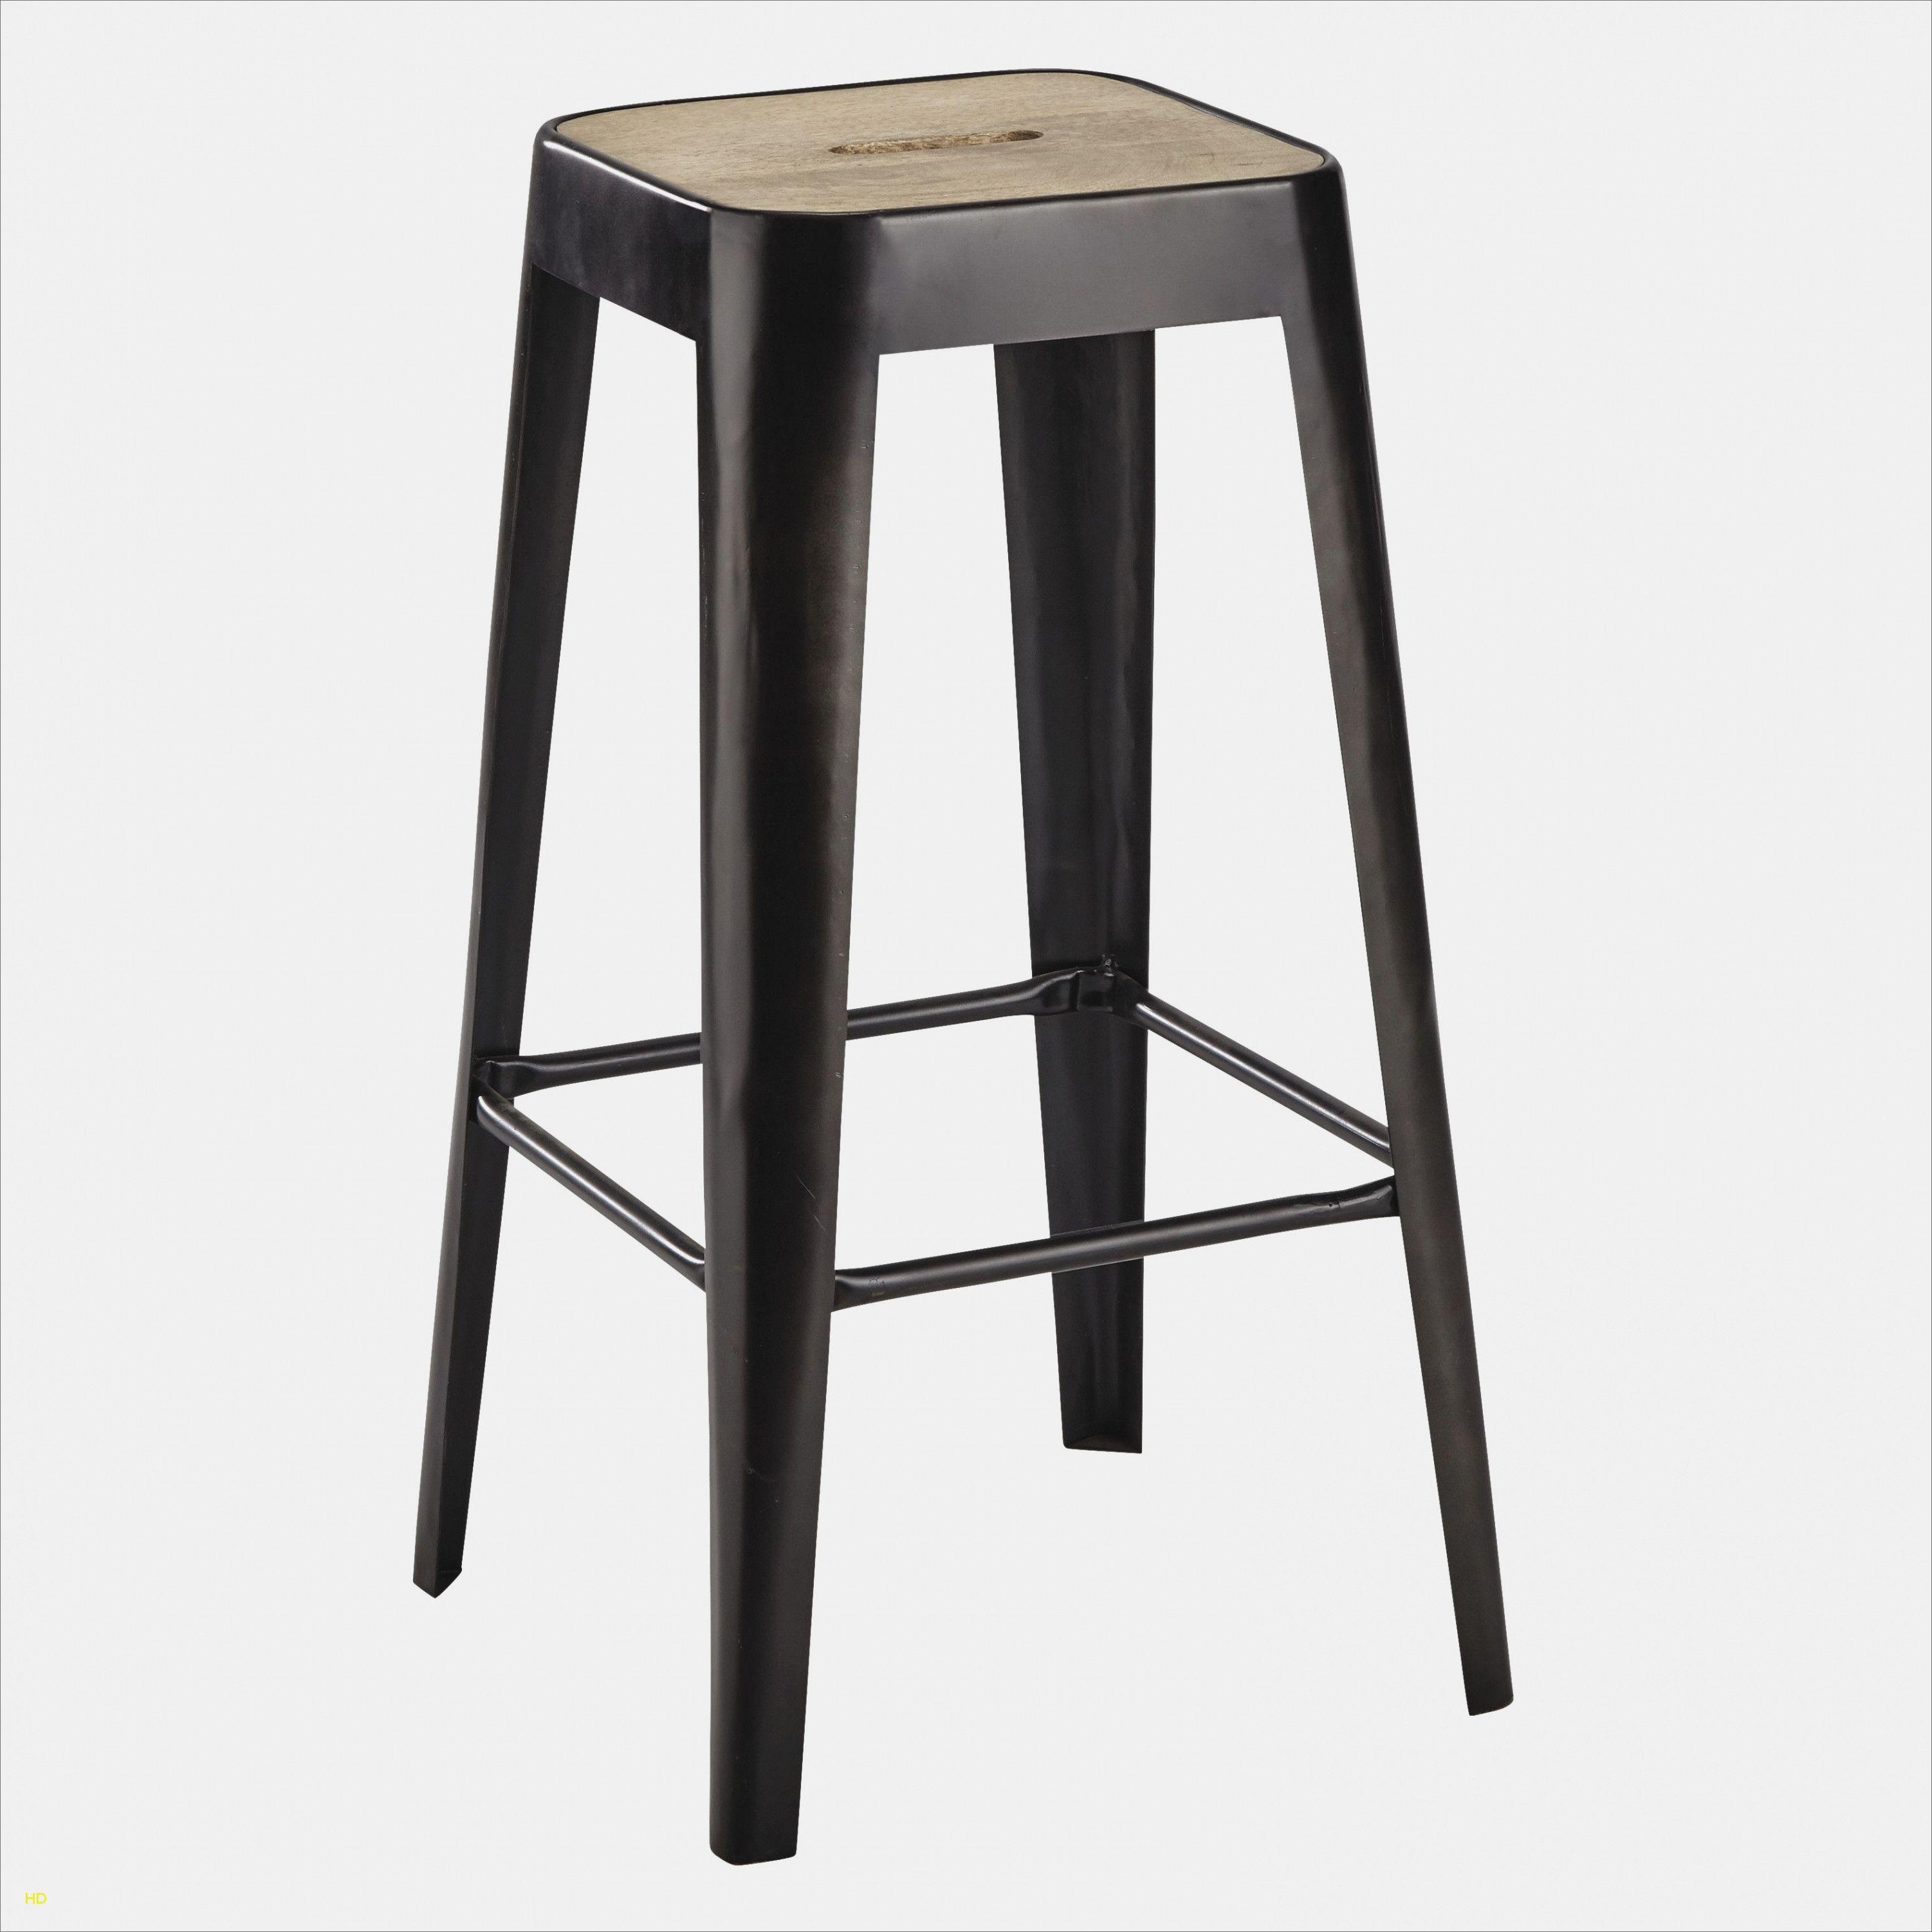 Elegant Amazon Tabouret Bar Tabouret De Bar Tabouret De Bar Metal Table En Verre